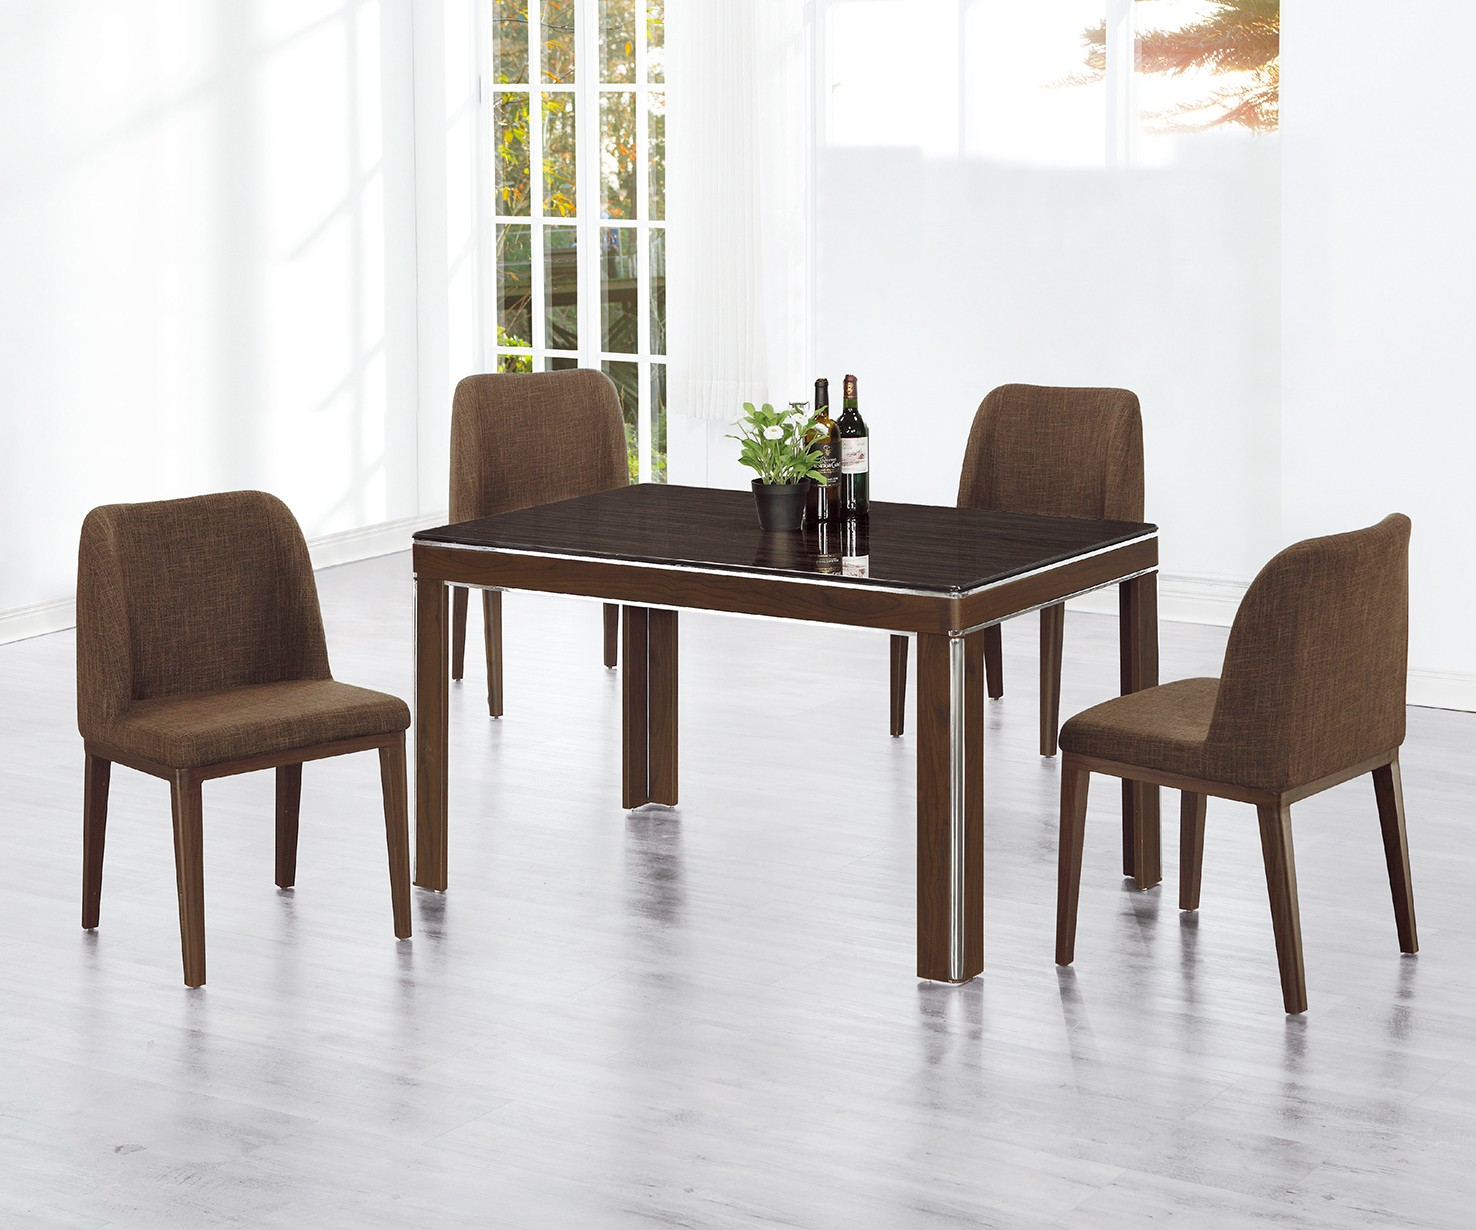 (C220-1)4.3尺餐桌椅(1桌4椅)